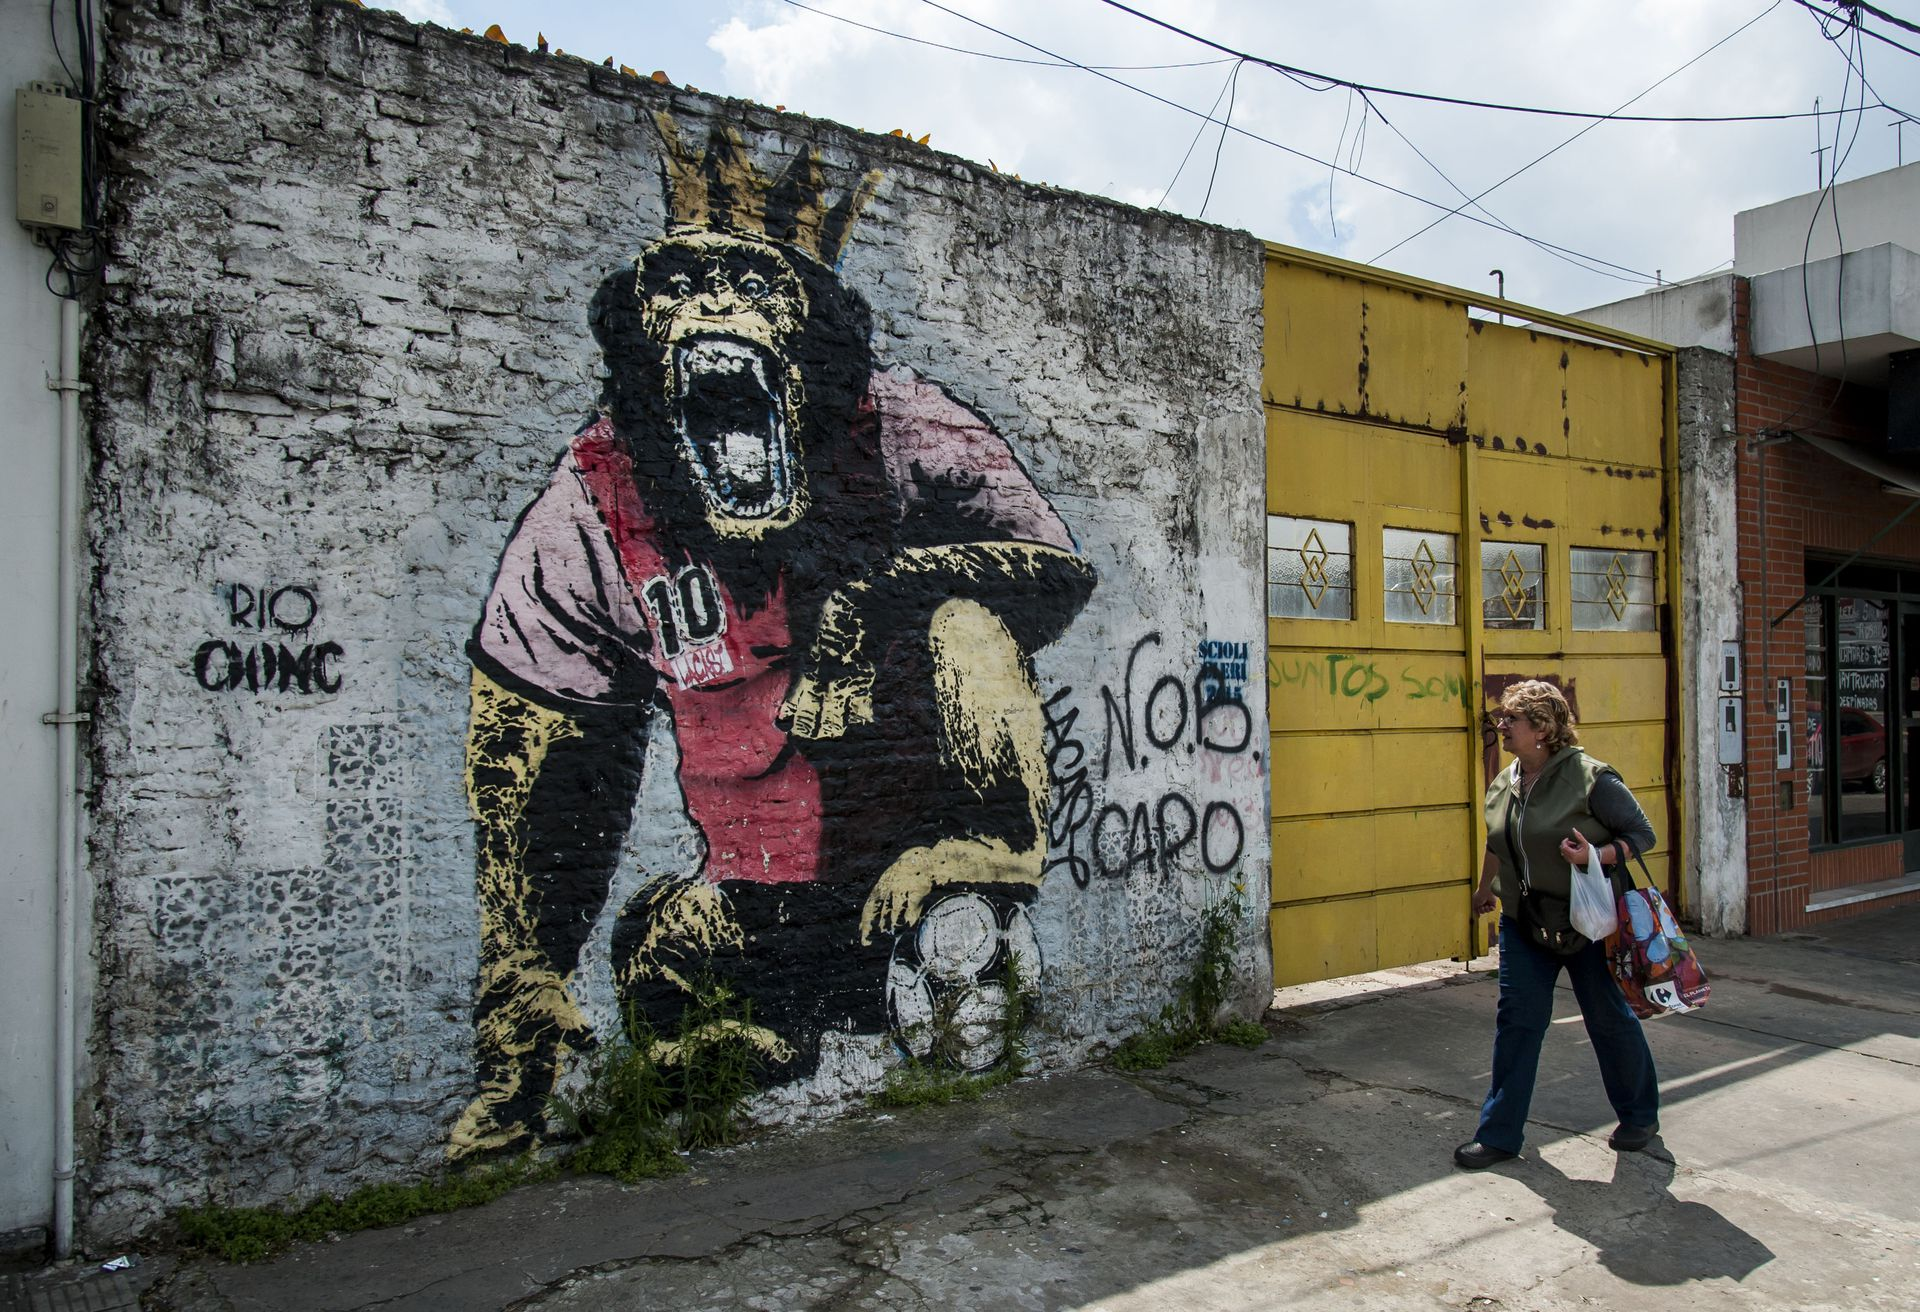 El autor de este mural en Rosario, Lautaro Lacast, asegura que la pintura no está inspirada en el poder de Los Monos, pero la relación es inevitable